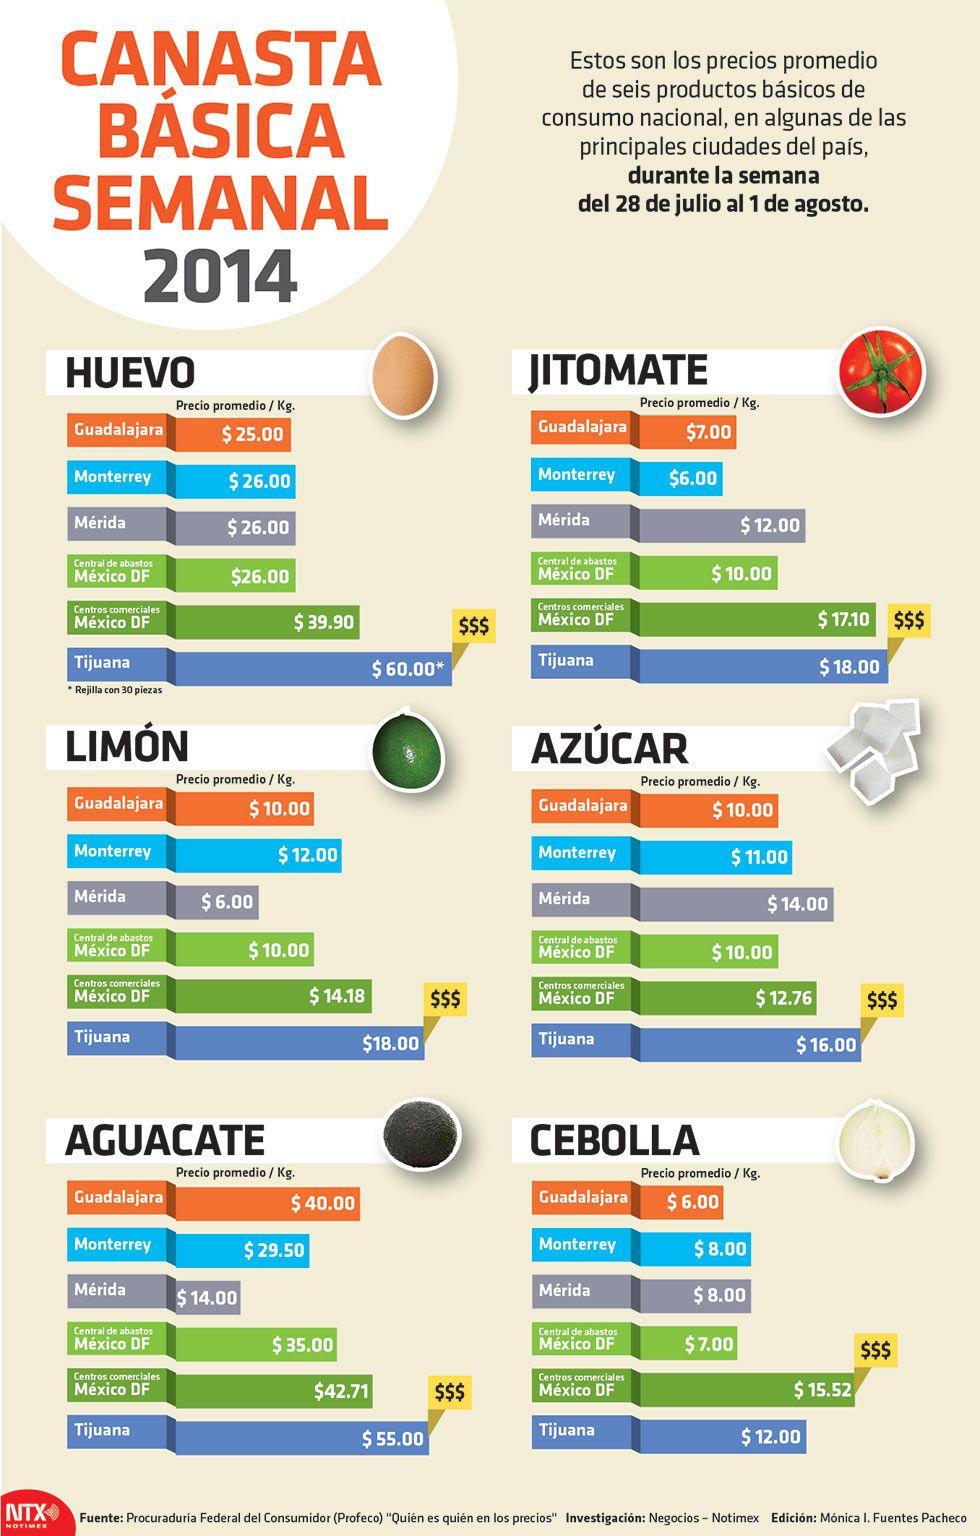 Canasta Basica Semanal Cuanto Cuestan Los Productos Canasta